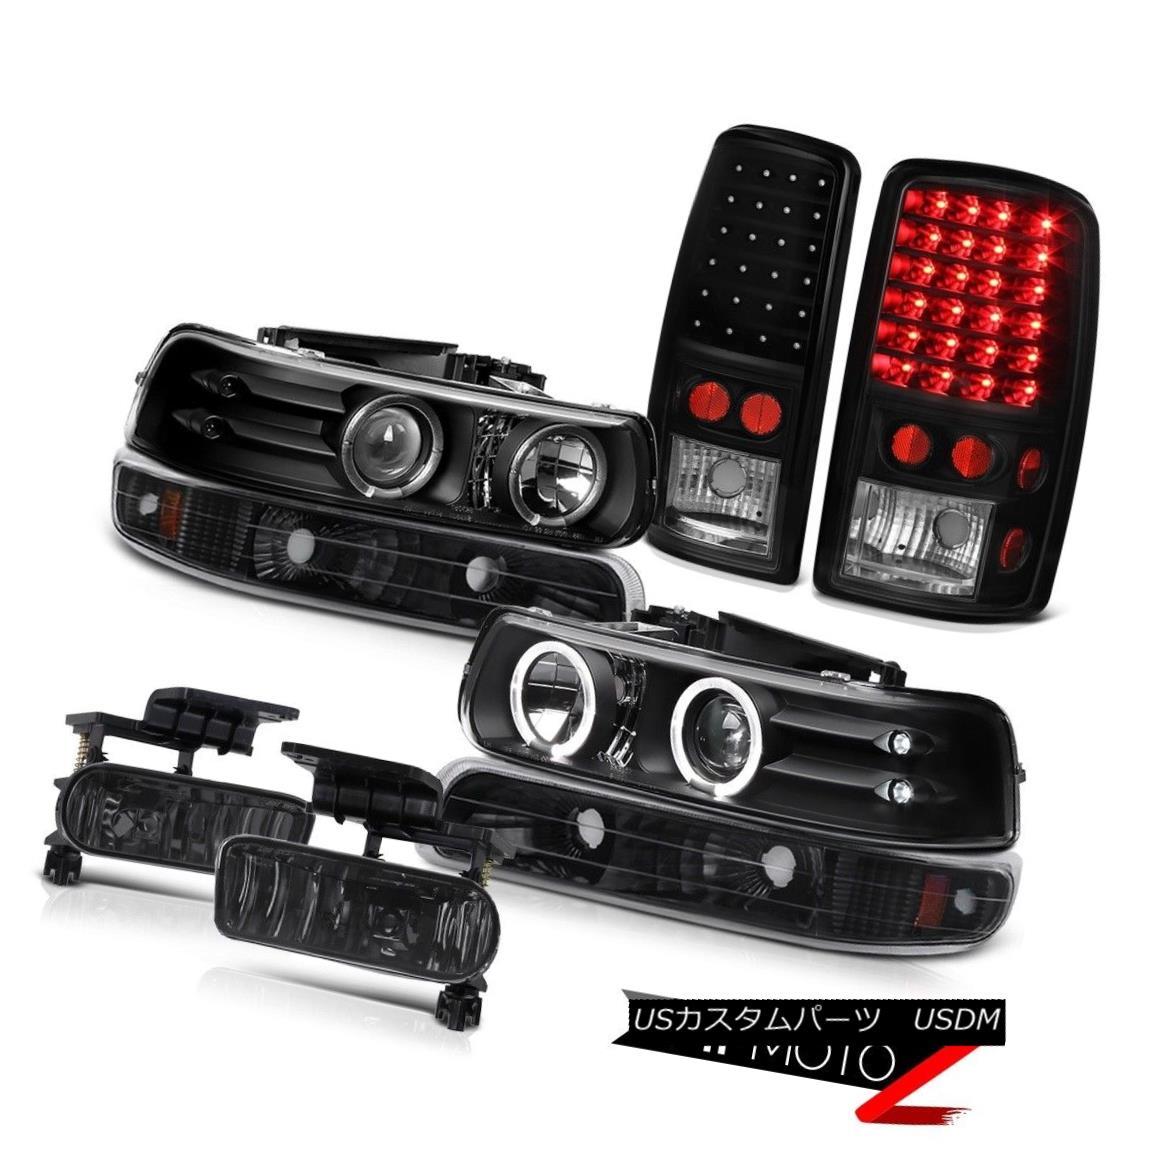 テールライト L.E.D DRL Halo Headlights Blk Brake Lights Driving Fog 2000-2006 Suburban 5.3L L.E.D DRLハローヘッドライトBlkブレーキライトドライビングフォグ2000-2006郊外5.3L